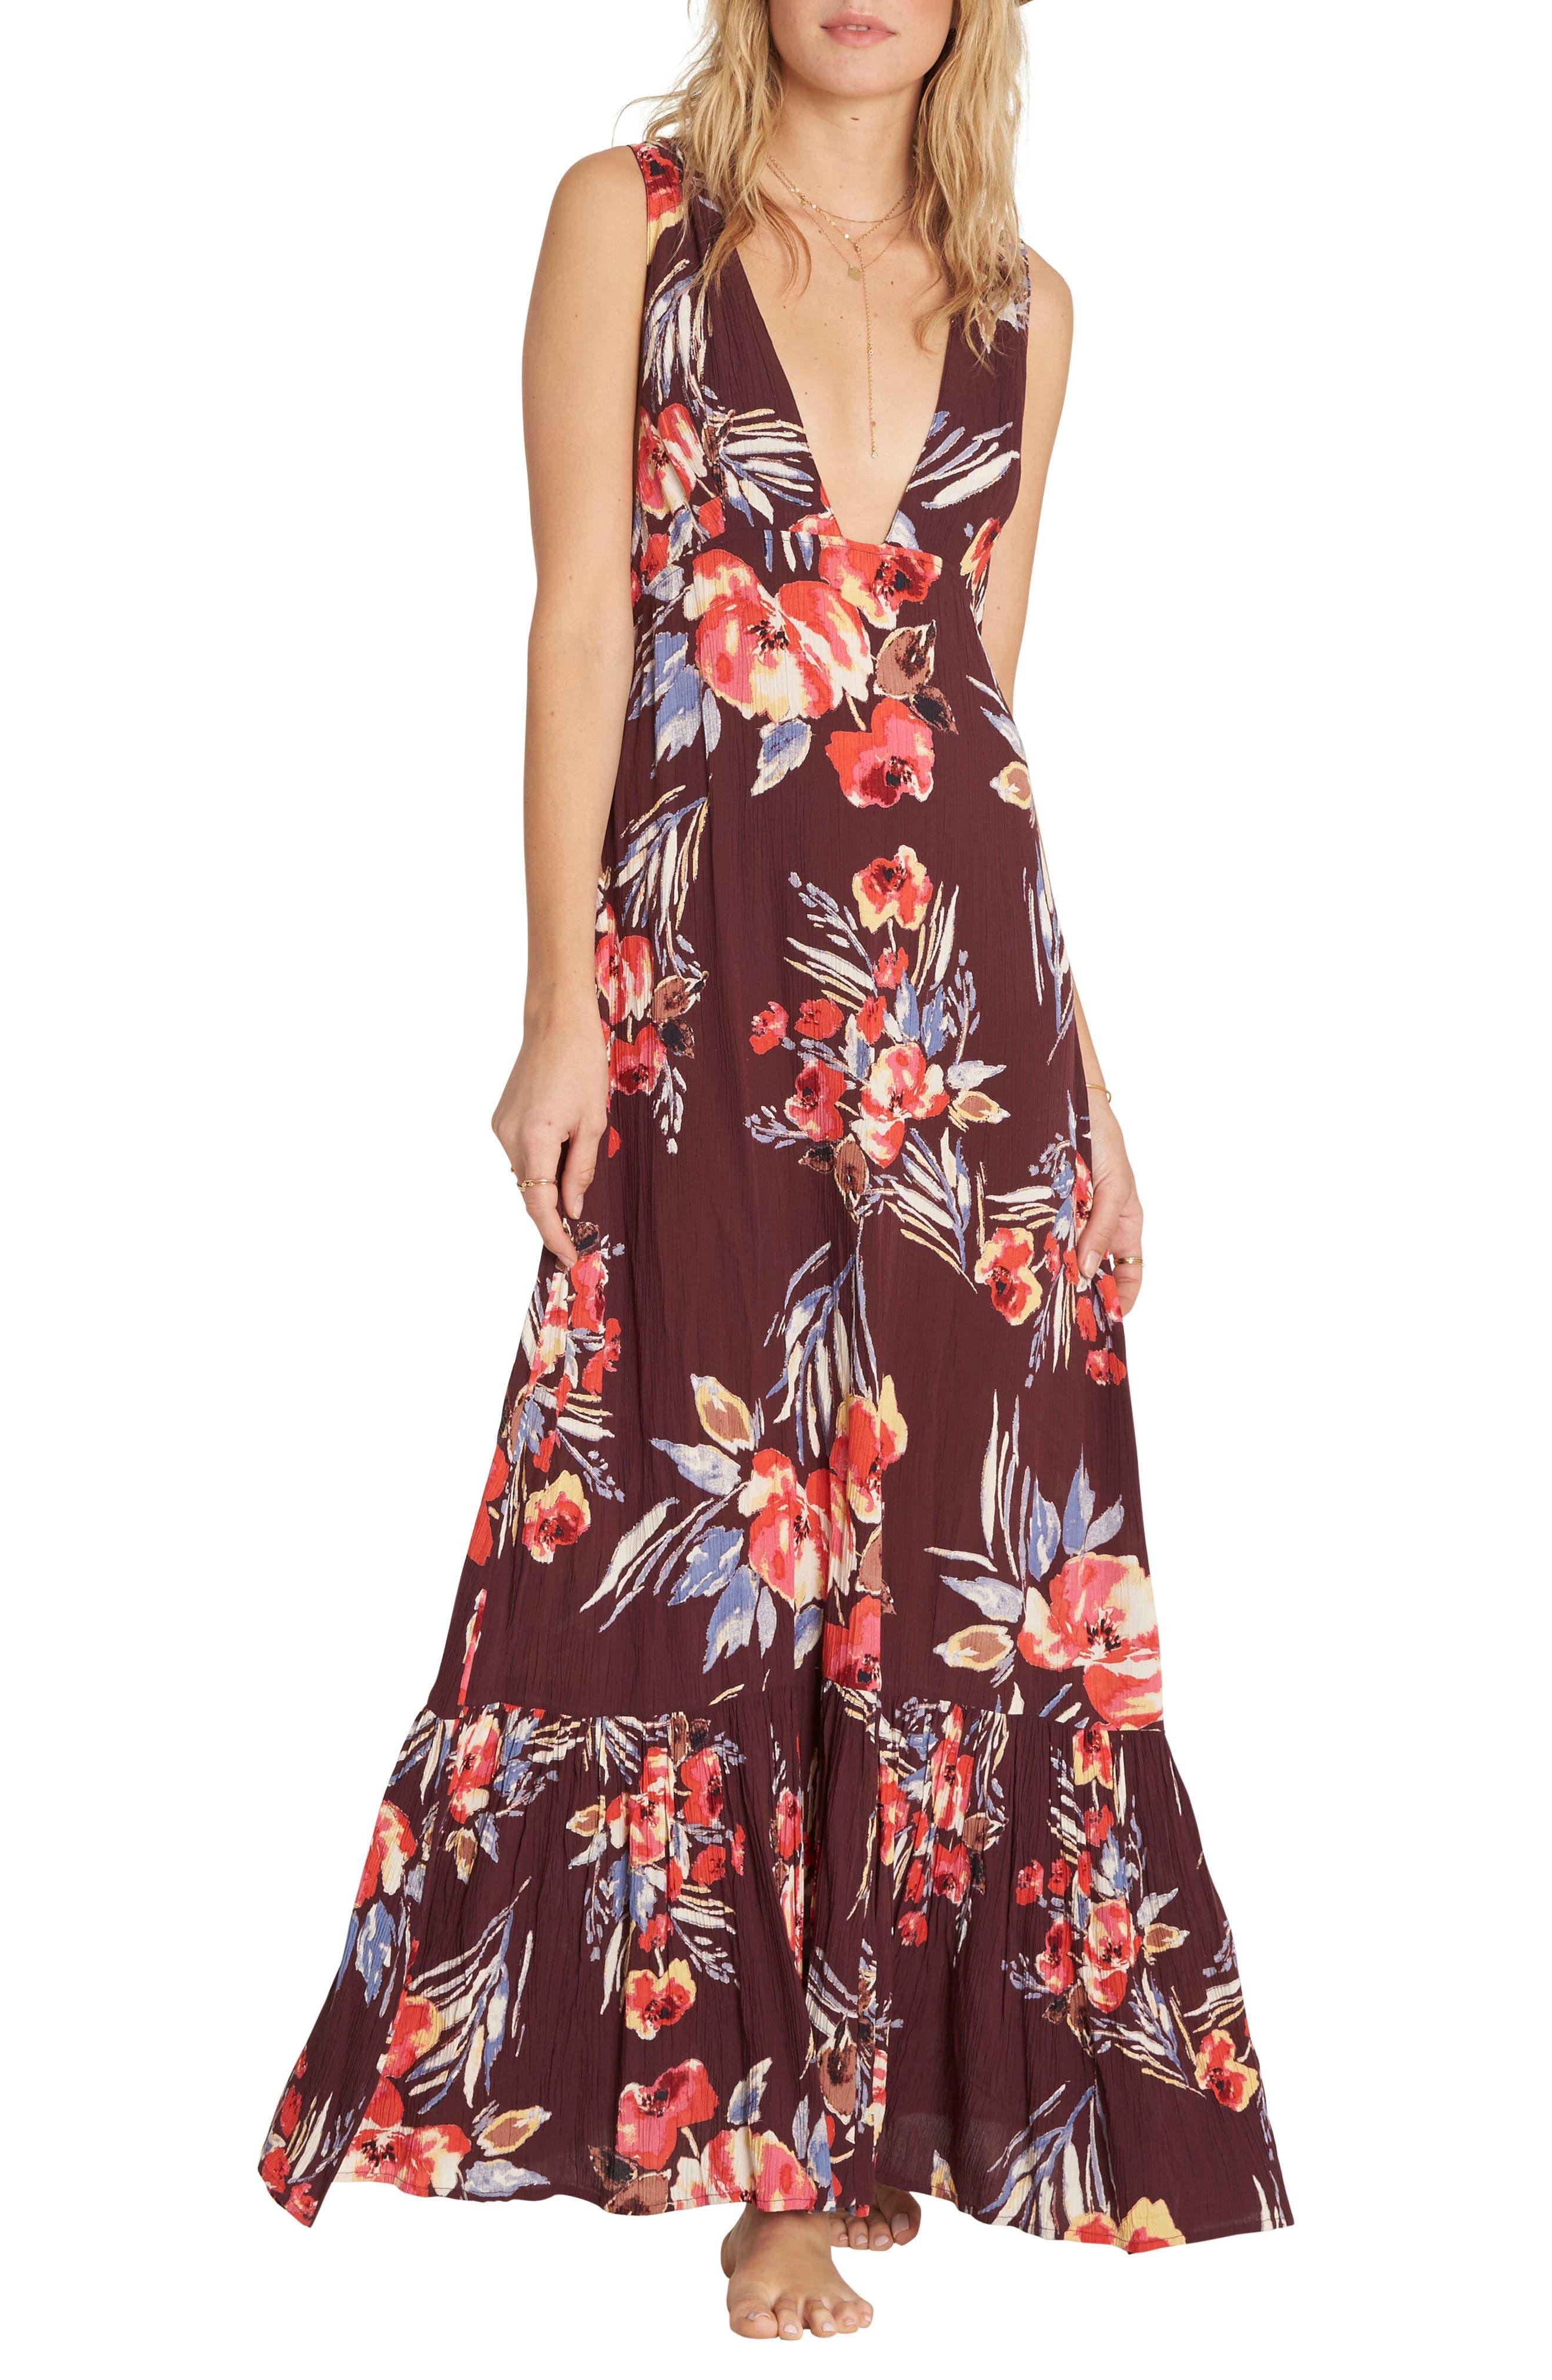 Awoke for Waves Floral Print Maxi Dress,                         Main,                         color, Bordeaux